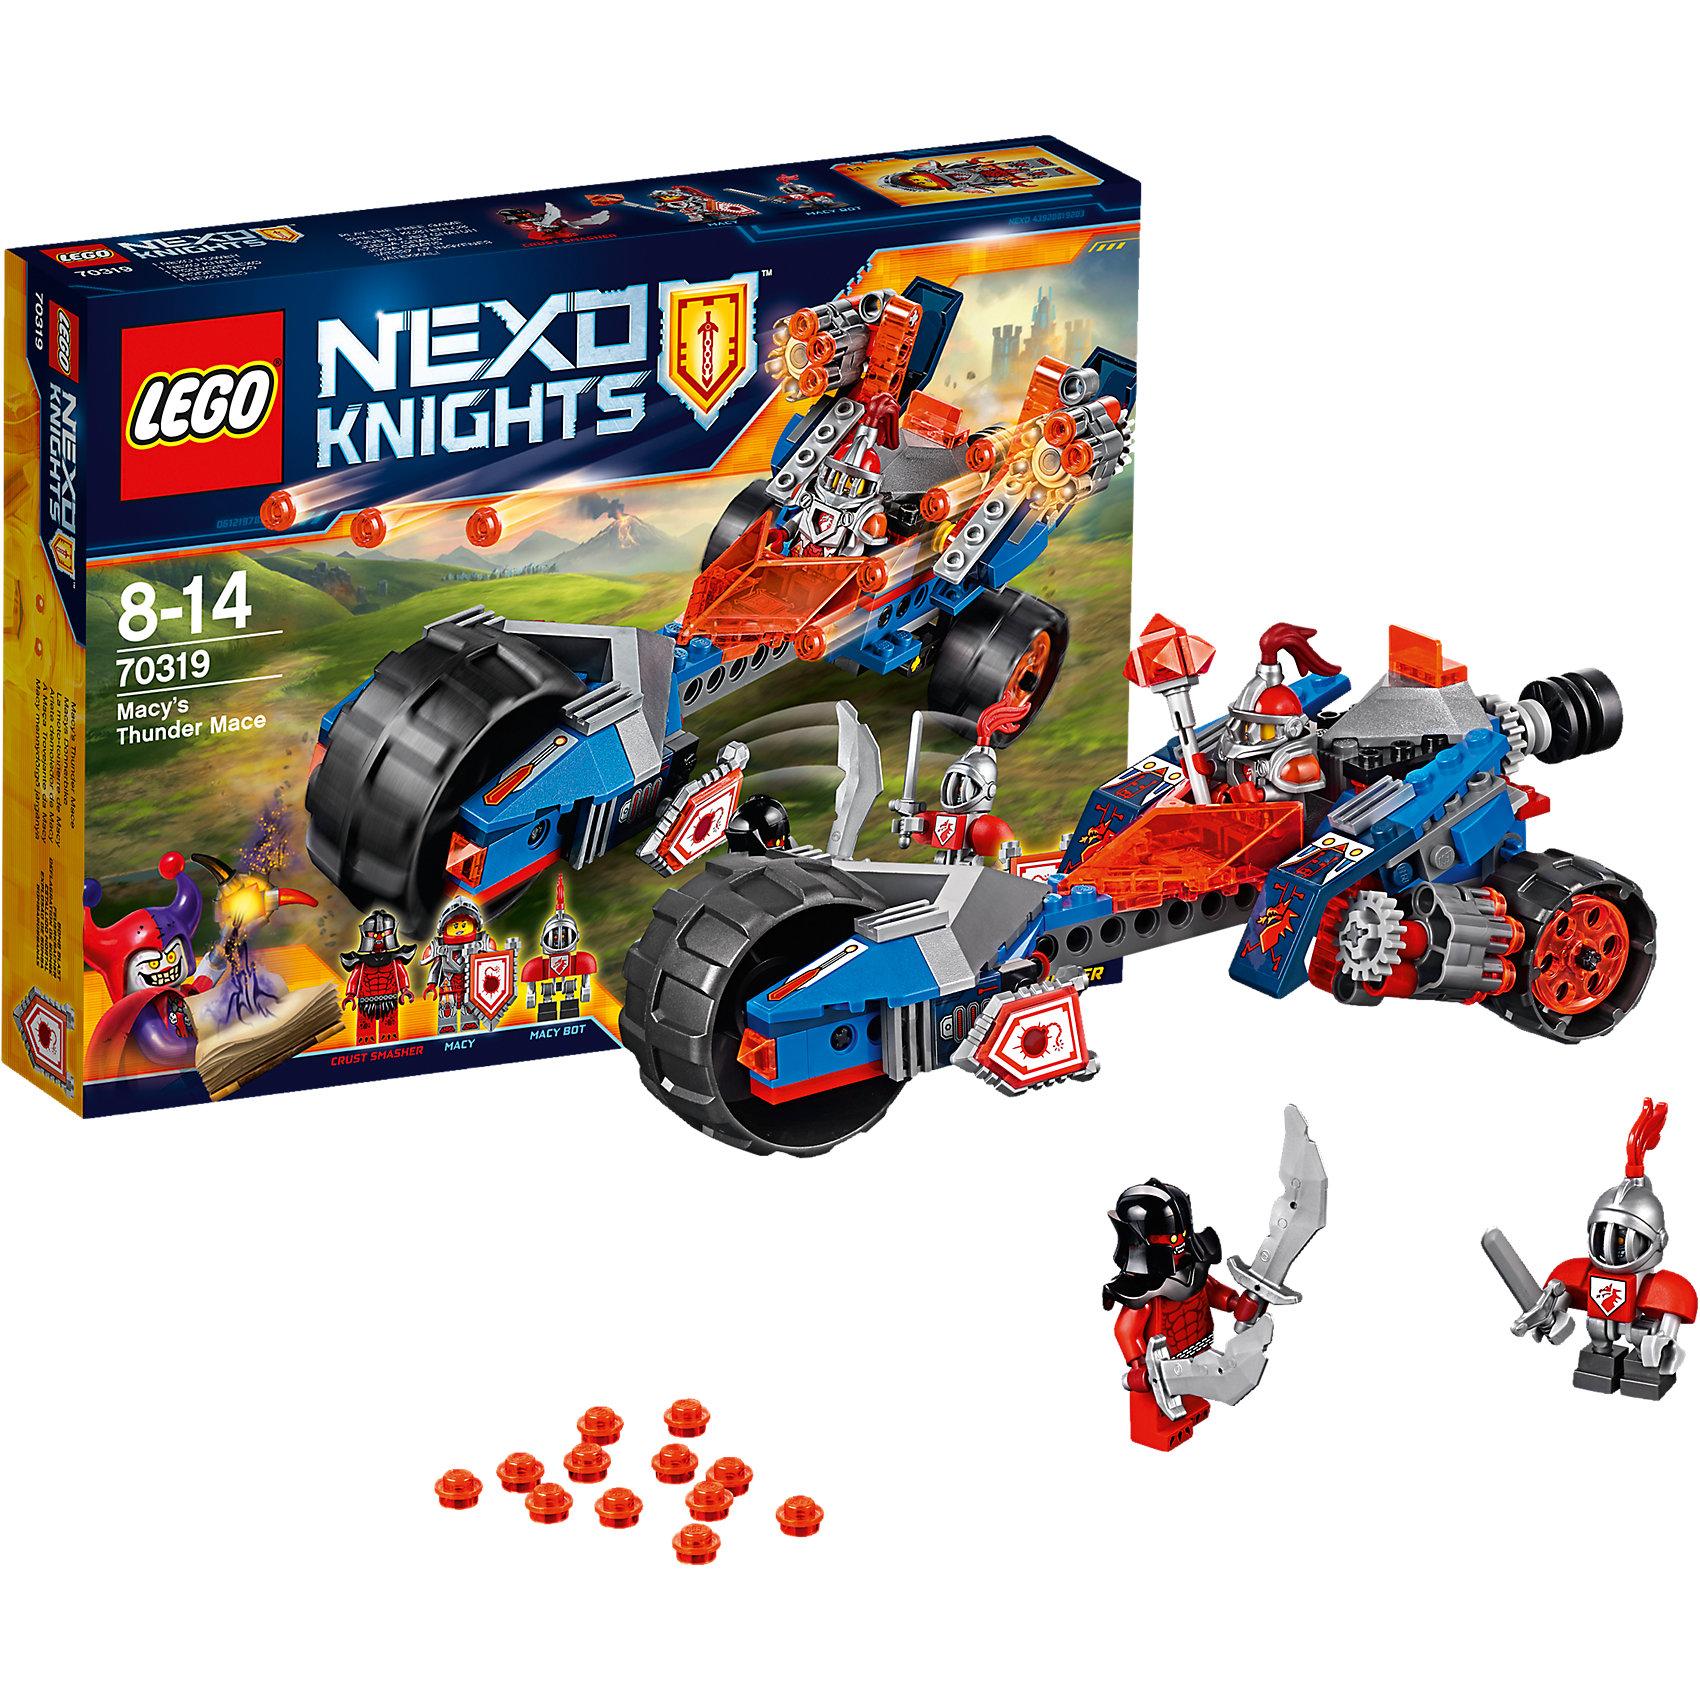 LEGO NEXO KNIGHTS 70319: Молниеносная машина МэйсиПластмассовые конструкторы<br>Застань противника врасплох! Поверни ручку, чтобы выдвинуть скорострельные шипованные шутеры молниеносной машины Мэйси. Целься в Магмометателя, затем выпрыгни из машины вместе с верным ботом Мэйси, захвати Фотонную булаву и продолжи битву! В набор входит щит для сканирования NEXO Силы «Взрыв бомбы».<br><br>LEGO Nexo Knights ( ЛЕГО Нексо Найт) - это невероятный мир прогресса и новых технологий, в котором все же нашлось место для настоящих рыцарей, магии и волшебства. Удивительное сочетание футуризма и средневековой романтики увлекает и детей, и взрослых, а множество наборов серии и высокая детализация позволяют создать свой волшебный мир Nexo Knights!<br><br>Дополнительная информация:<br><br>- Конструкторы ЛЕГО развивают усидчивость, внимание, фантазию и мелкую моторику. <br>- Количество деталей: 202 <br>- 3 минифигурки: Мэйси, Магмометатель и бот-оруженосец. <br>- 3 минифигурки, машина, аксессуары. <br>- Машина Мэйси оснащена 2-мя скорострельными орудиями, синхронно поднимающимися при вращении колесика. <br>- Серия ЛЕГО Нексо Найт (LEGO Nexo Knights).<br>- Материал: пластик.<br>- Размер упаковки: 26х4,6х19 см.<br>- Вес: 0.315 кг.<br><br>Конструктор LEGO Nexo Knights 70319: Молниеносная машина Мэйси можно купить в нашем магазине.<br><br>Ширина мм: 264<br>Глубина мм: 190<br>Высота мм: 48<br>Вес г: 311<br>Возраст от месяцев: 96<br>Возраст до месяцев: 168<br>Пол: Мужской<br>Возраст: Детский<br>SKU: 4641205